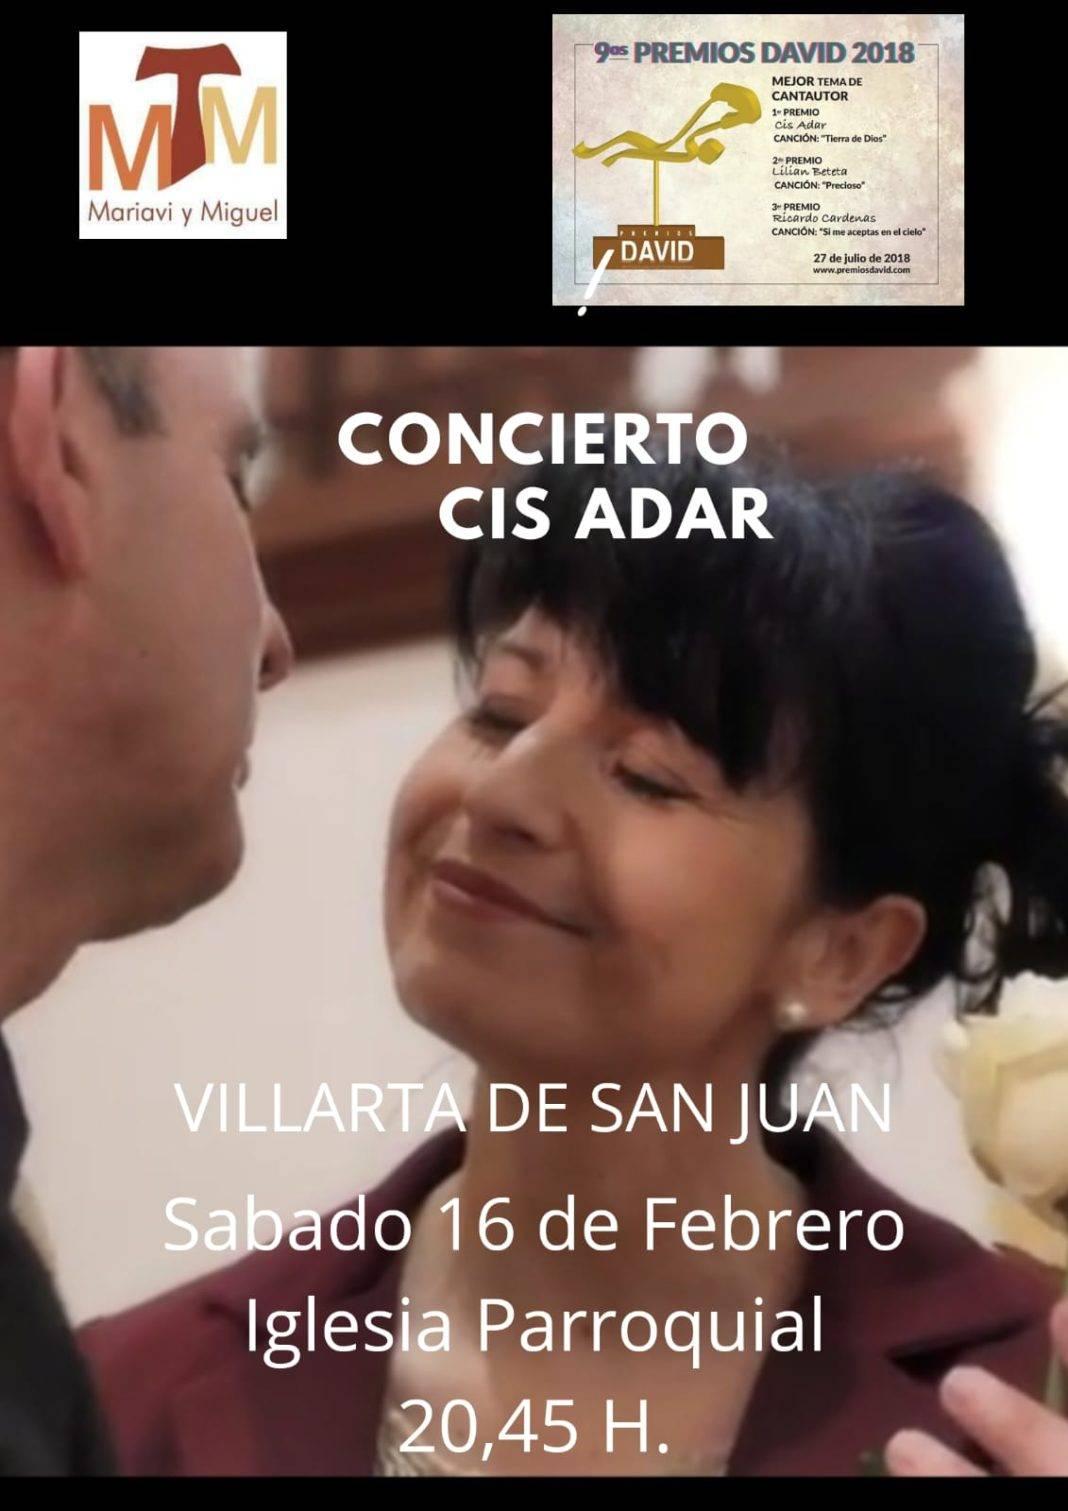 Miguel y Mariavi ofrecerán un recital de su último disco en Villarta de San Juan 7